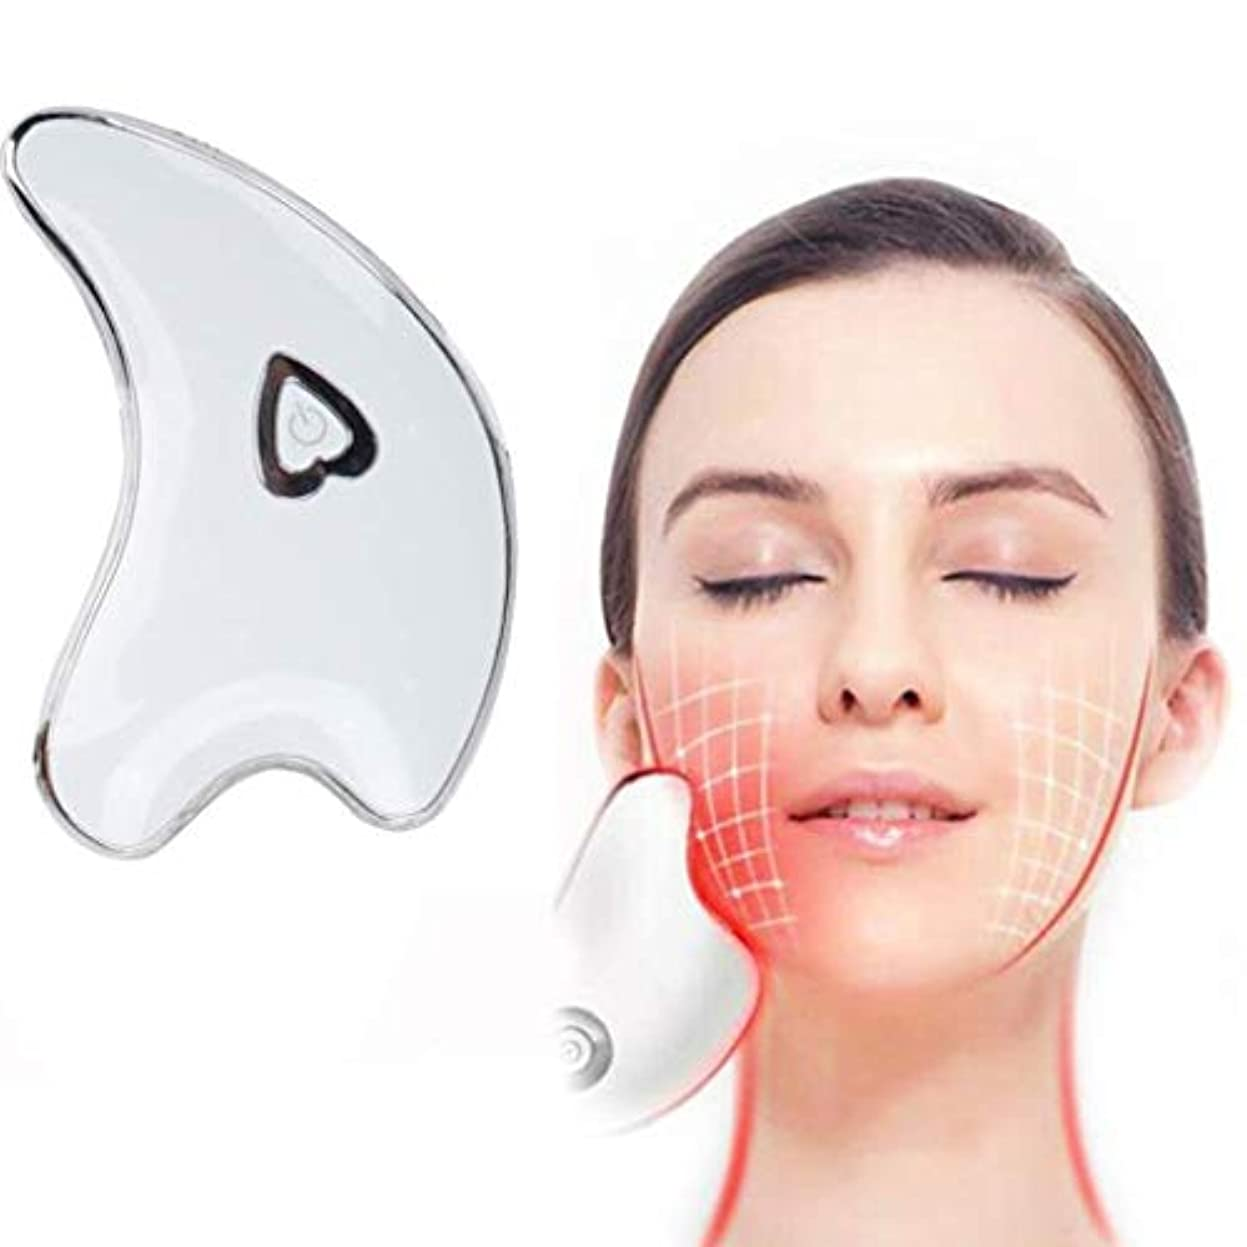 ゲージどうやって危険にさらされているフェイシャルスクレーピングマッサージャー、ネックスクレーピングマッサージボード、ダークサークルを防止するためのツールマイクロカレントバイブレーションアンチシワ、薄い顔の引き締め肌の引き締め (Color : White)